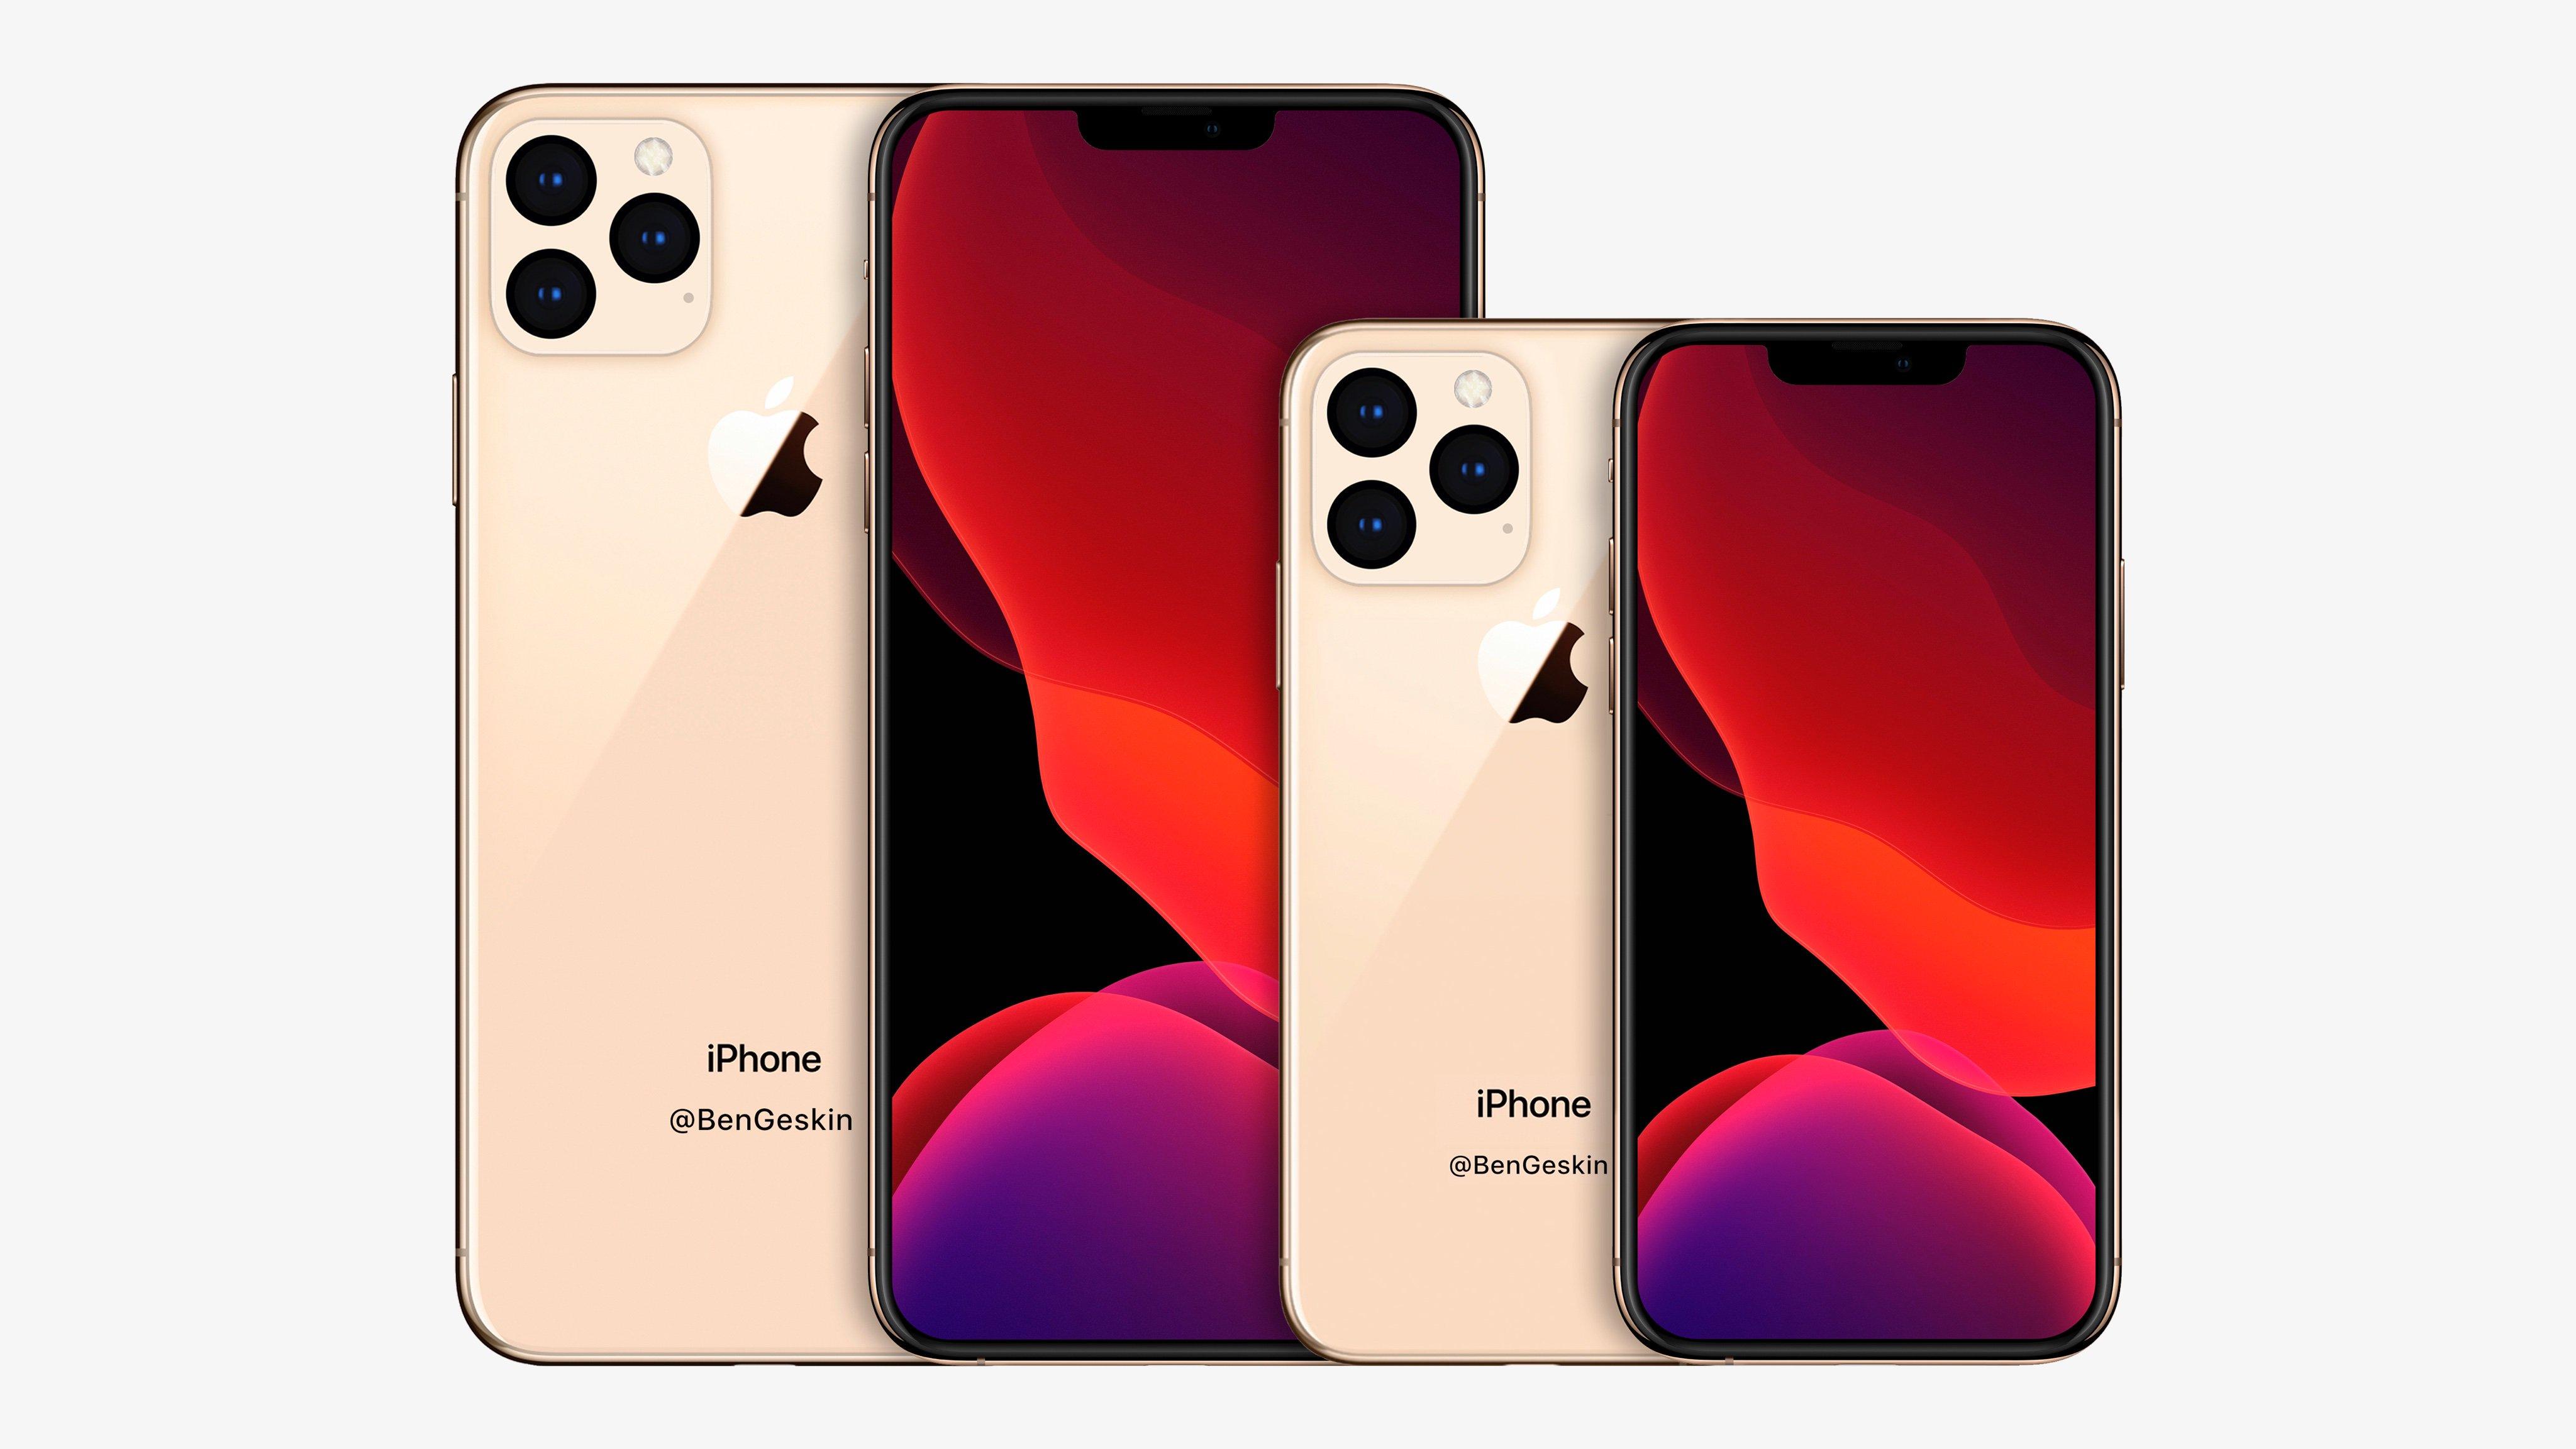 Самый крупный и самый компактный iPhone из 2020 года